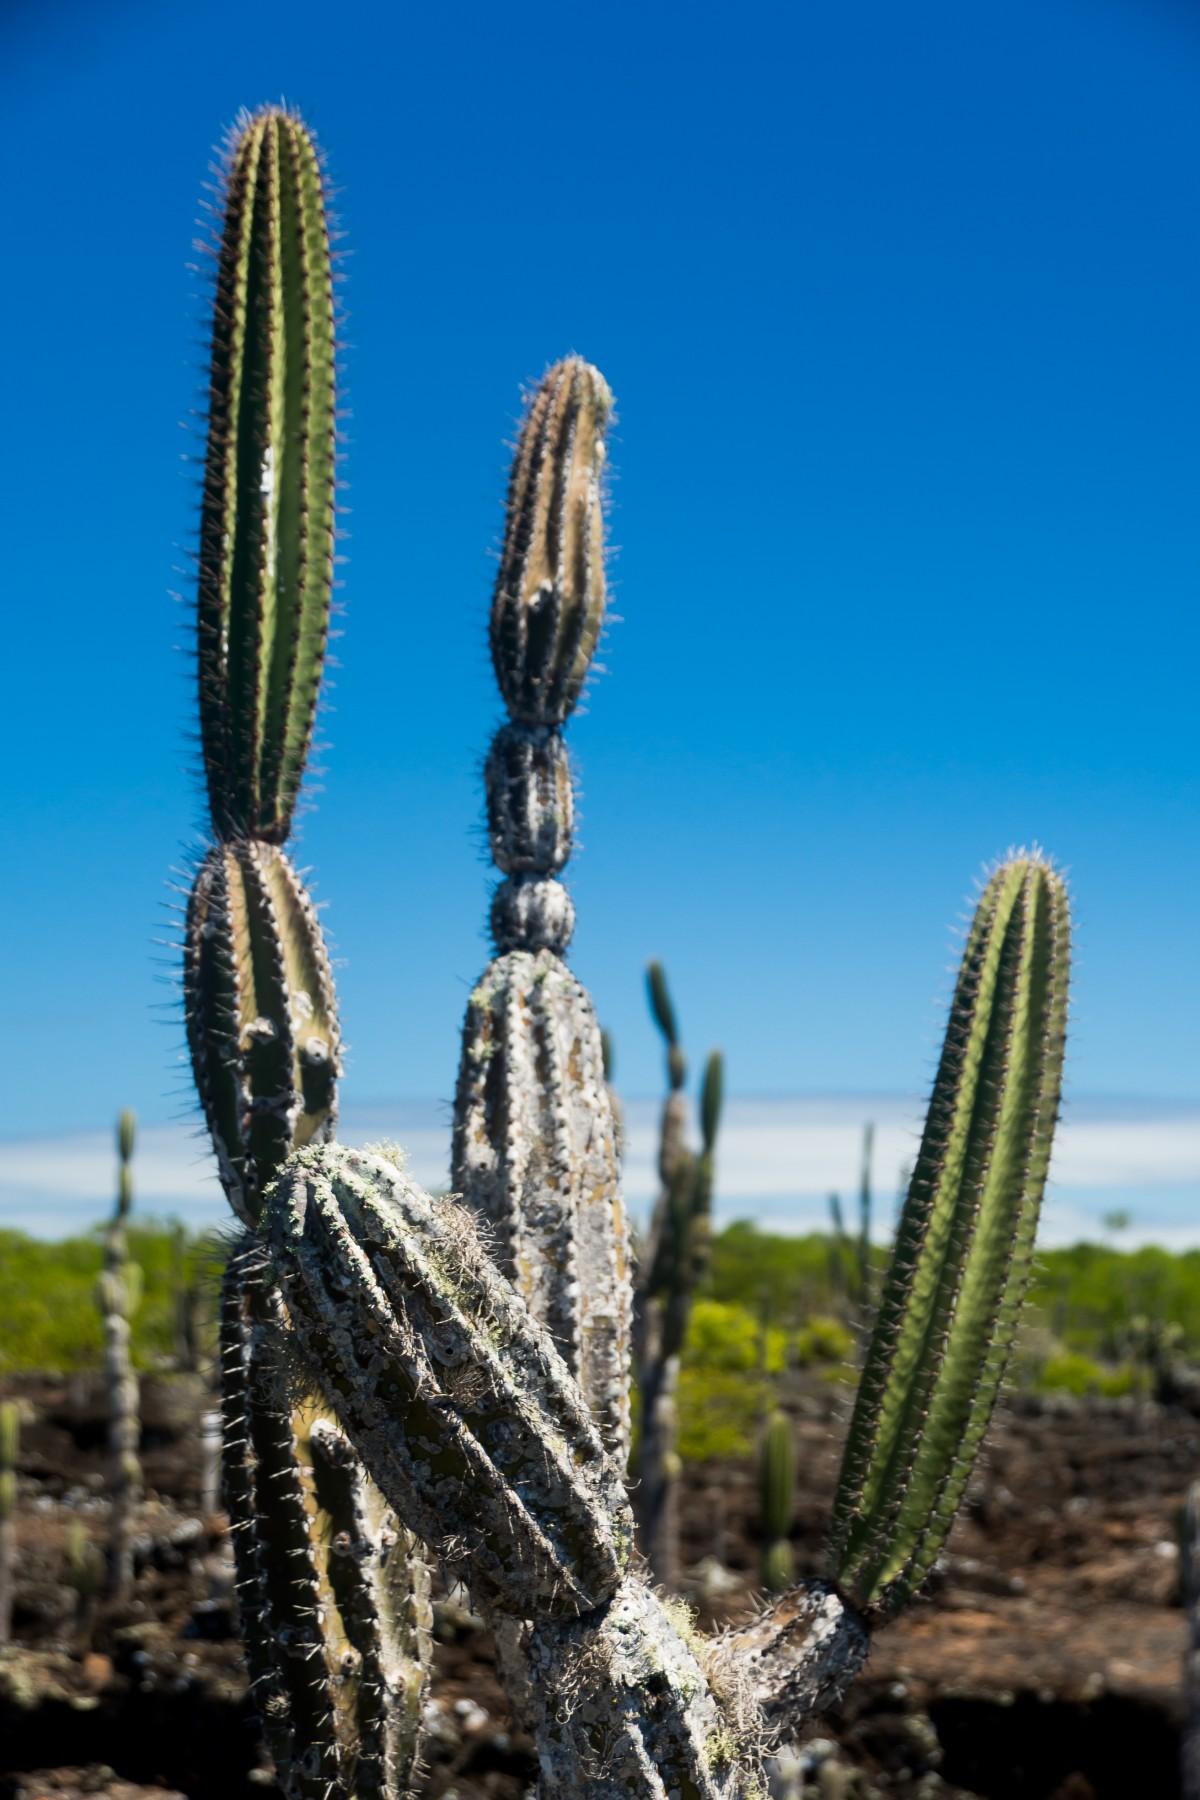 ガラパゴス諸島 カクタス 植物 自然 島々 工場 植生 空 フローラ ヘッジホッグサボテン バイオーム 花 カリオフィルス 棘と棘 木 アカントセレウス・テトラゴヌス 風景